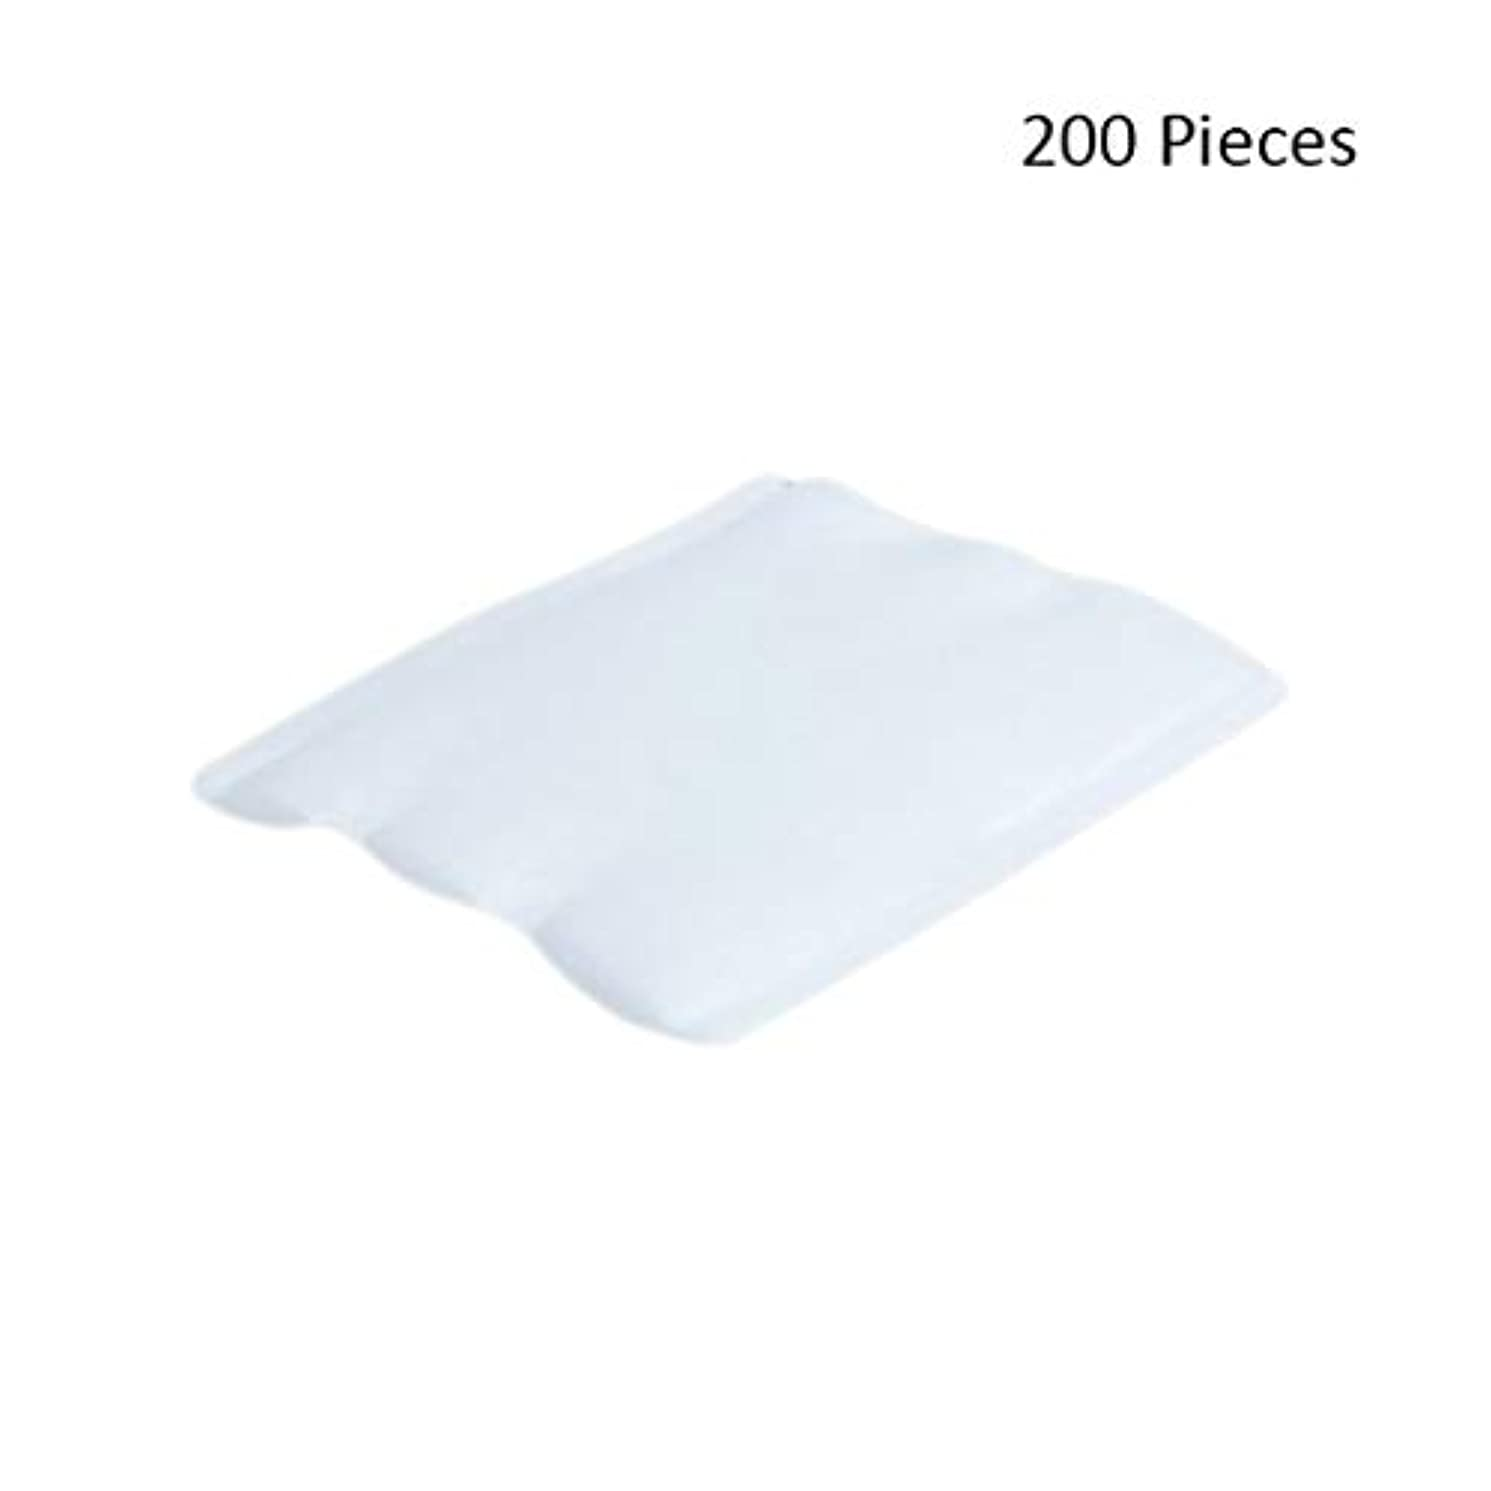 管理者経過やがて200ピースフェイスメイクアップリムーバーオーガニックフェイシャルクレンジングメイクアップ化粧品リムーバーワイプフェイスウォッシュスキンケアコットンパッド (Color : White, サイズ : 6*5cm)